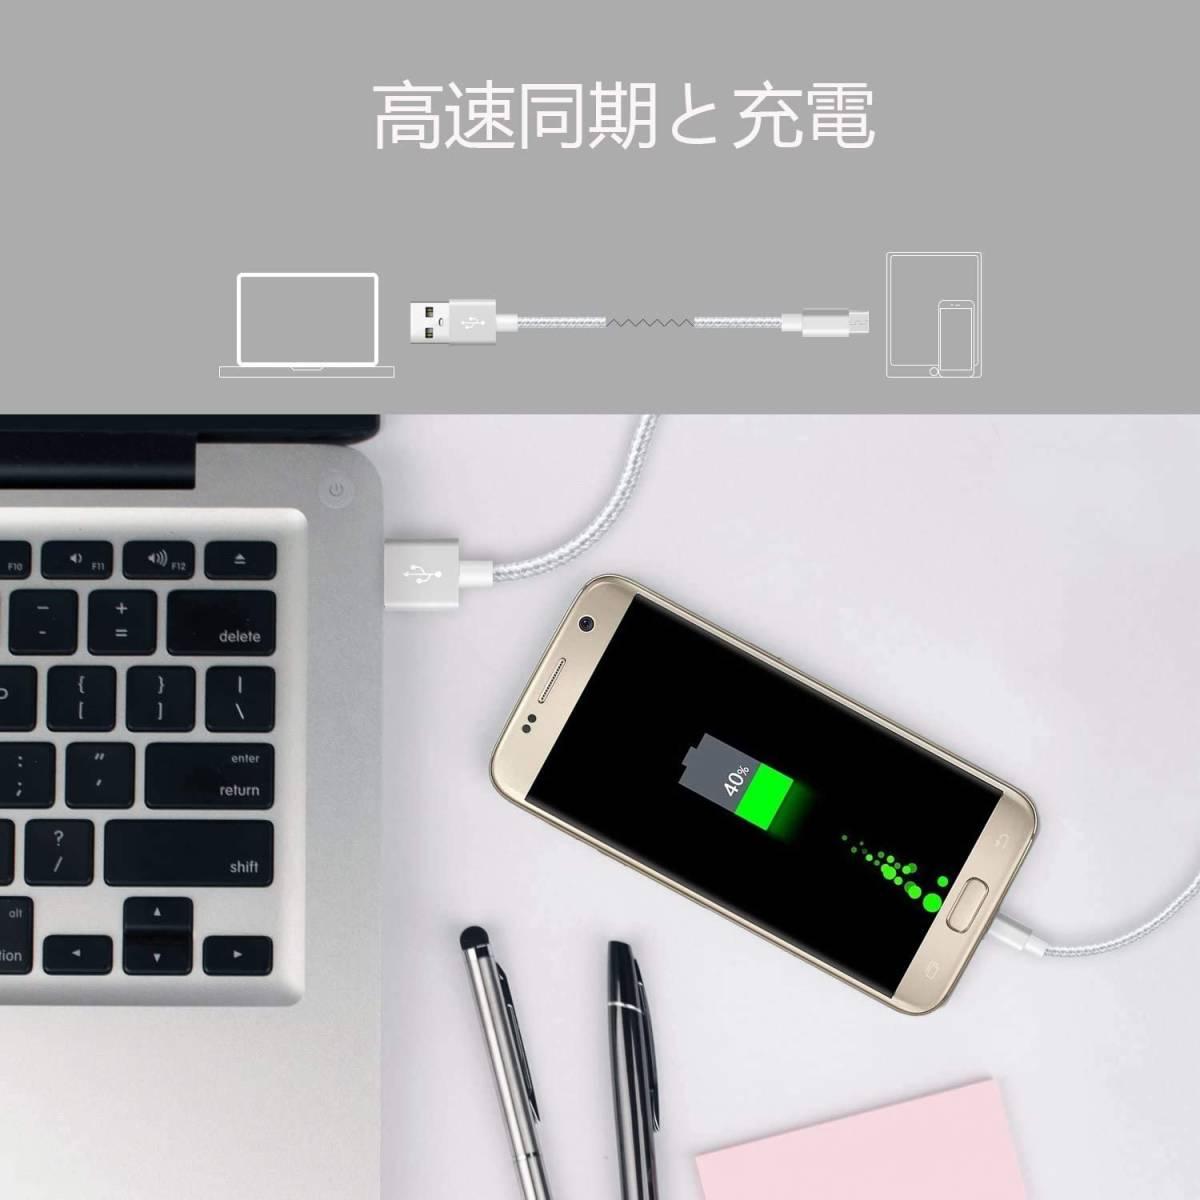 送料¥120 iPhone iPad 充電 ライトニングケーブル 2m データ転送 Lightningケーブル 断線に強い! 高耐久ナイロン編み アルミコネクタ_画像6